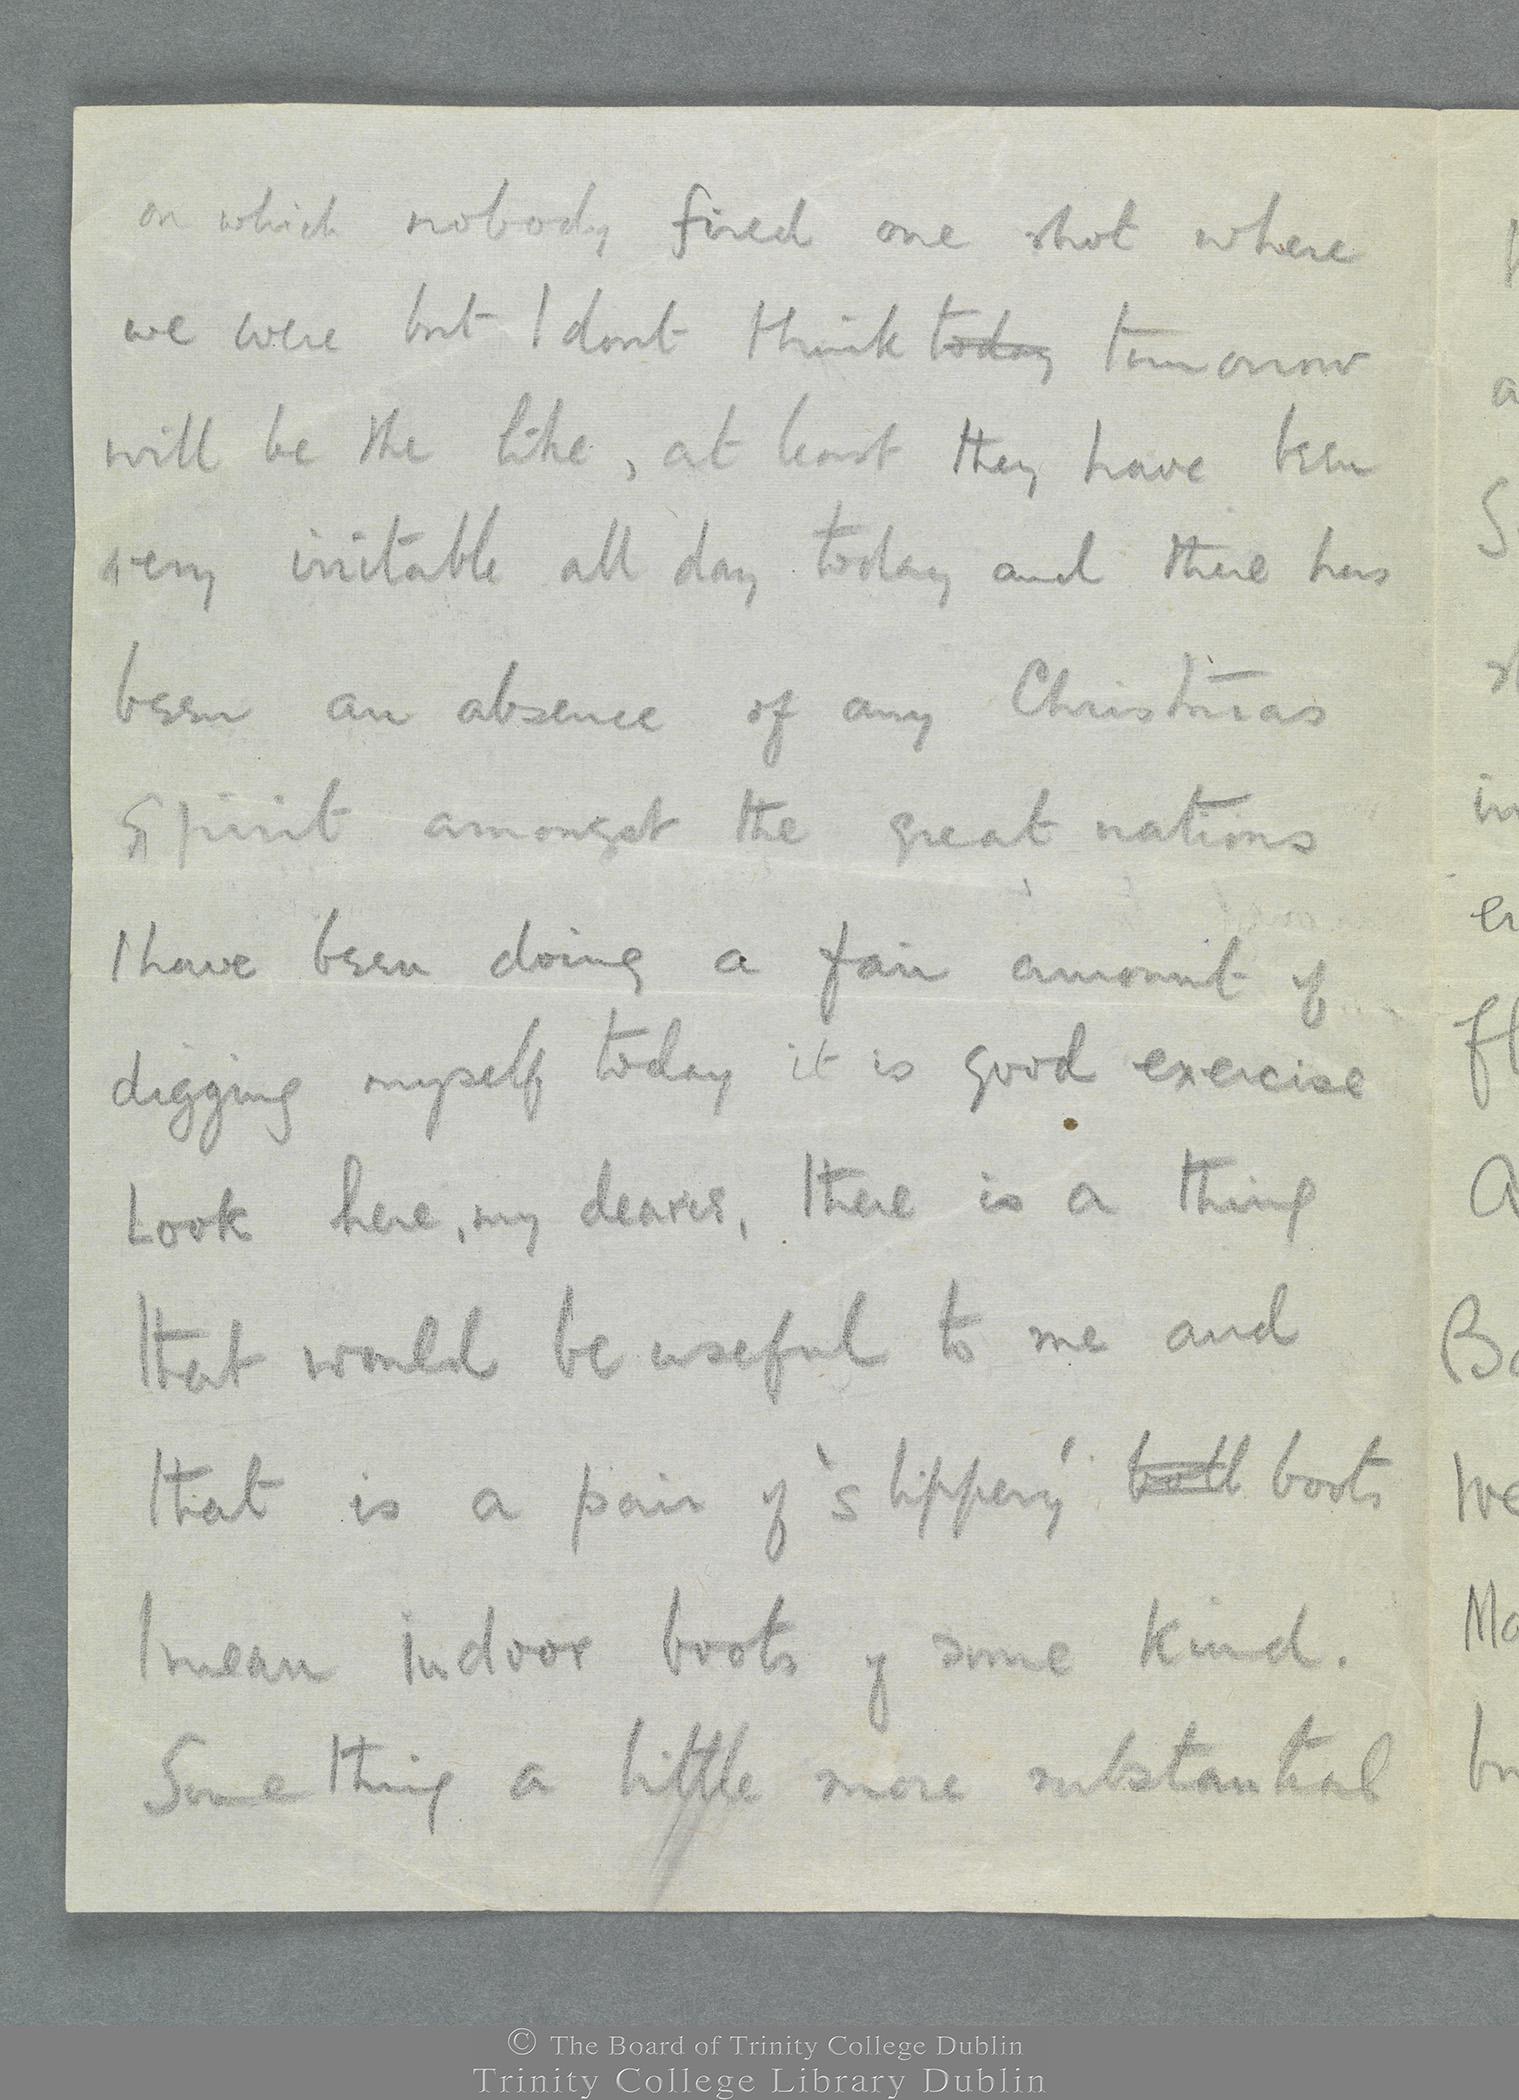 TCD MS 11274/36 folio 1 verso